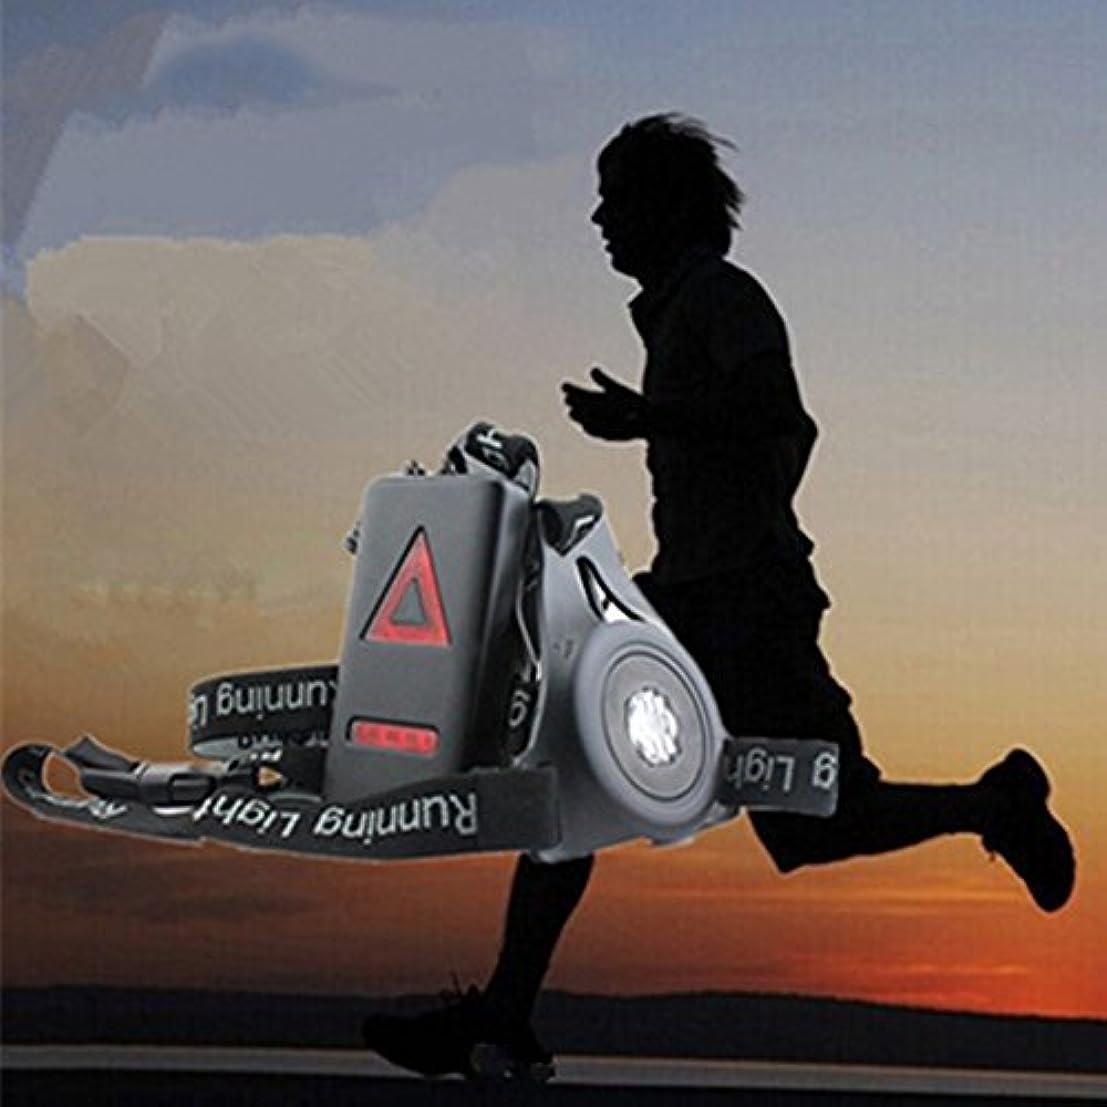 アフリカ一緒休憩発信スタイルの楽しみ安全ナイト屋外ランニングライトLEDチェストバック警告ランプジョギングサイクリング